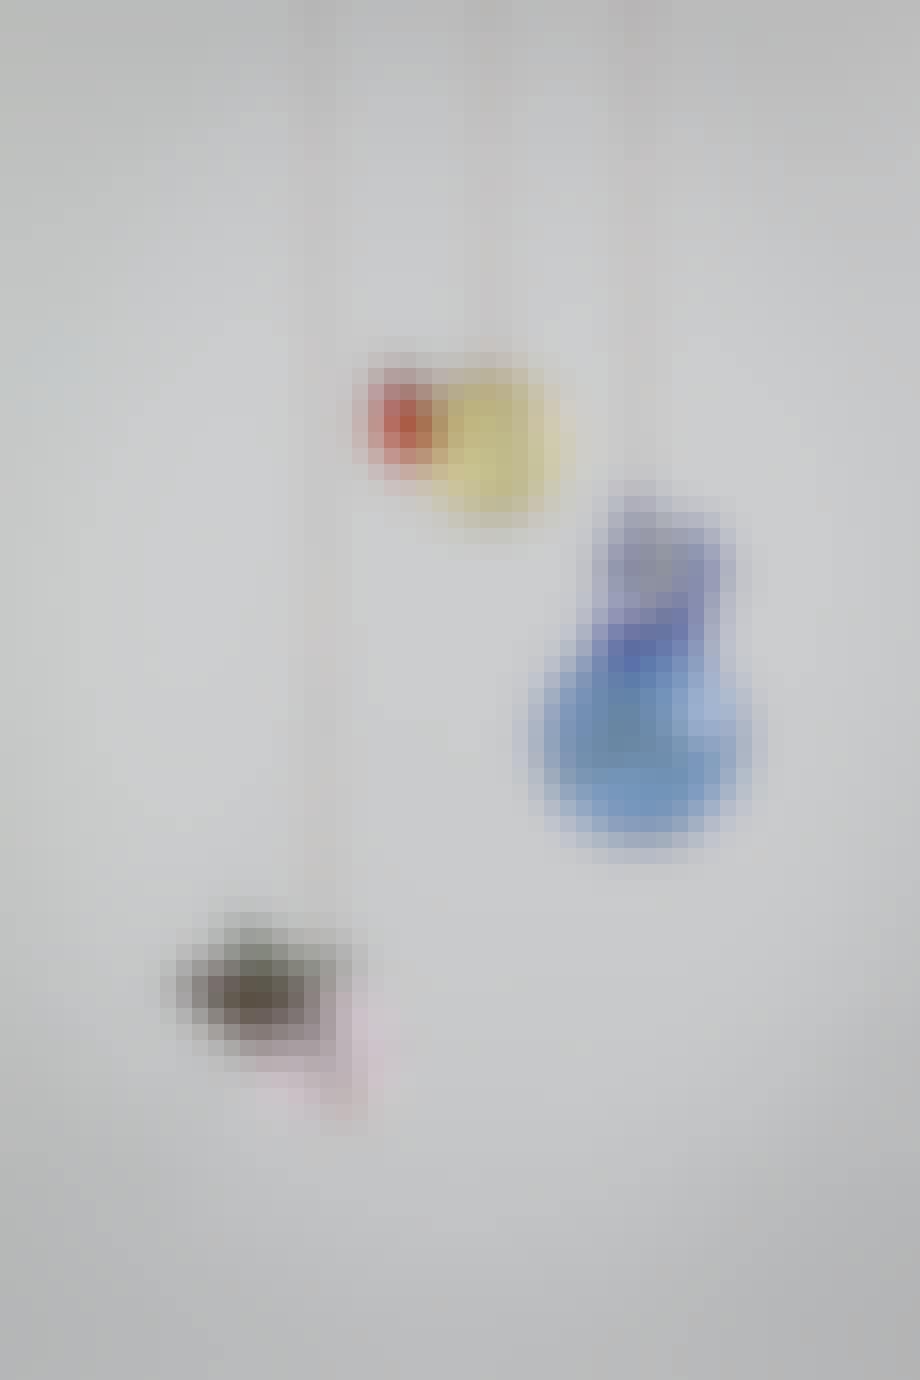 Hængende glasvaser i forskellige farver